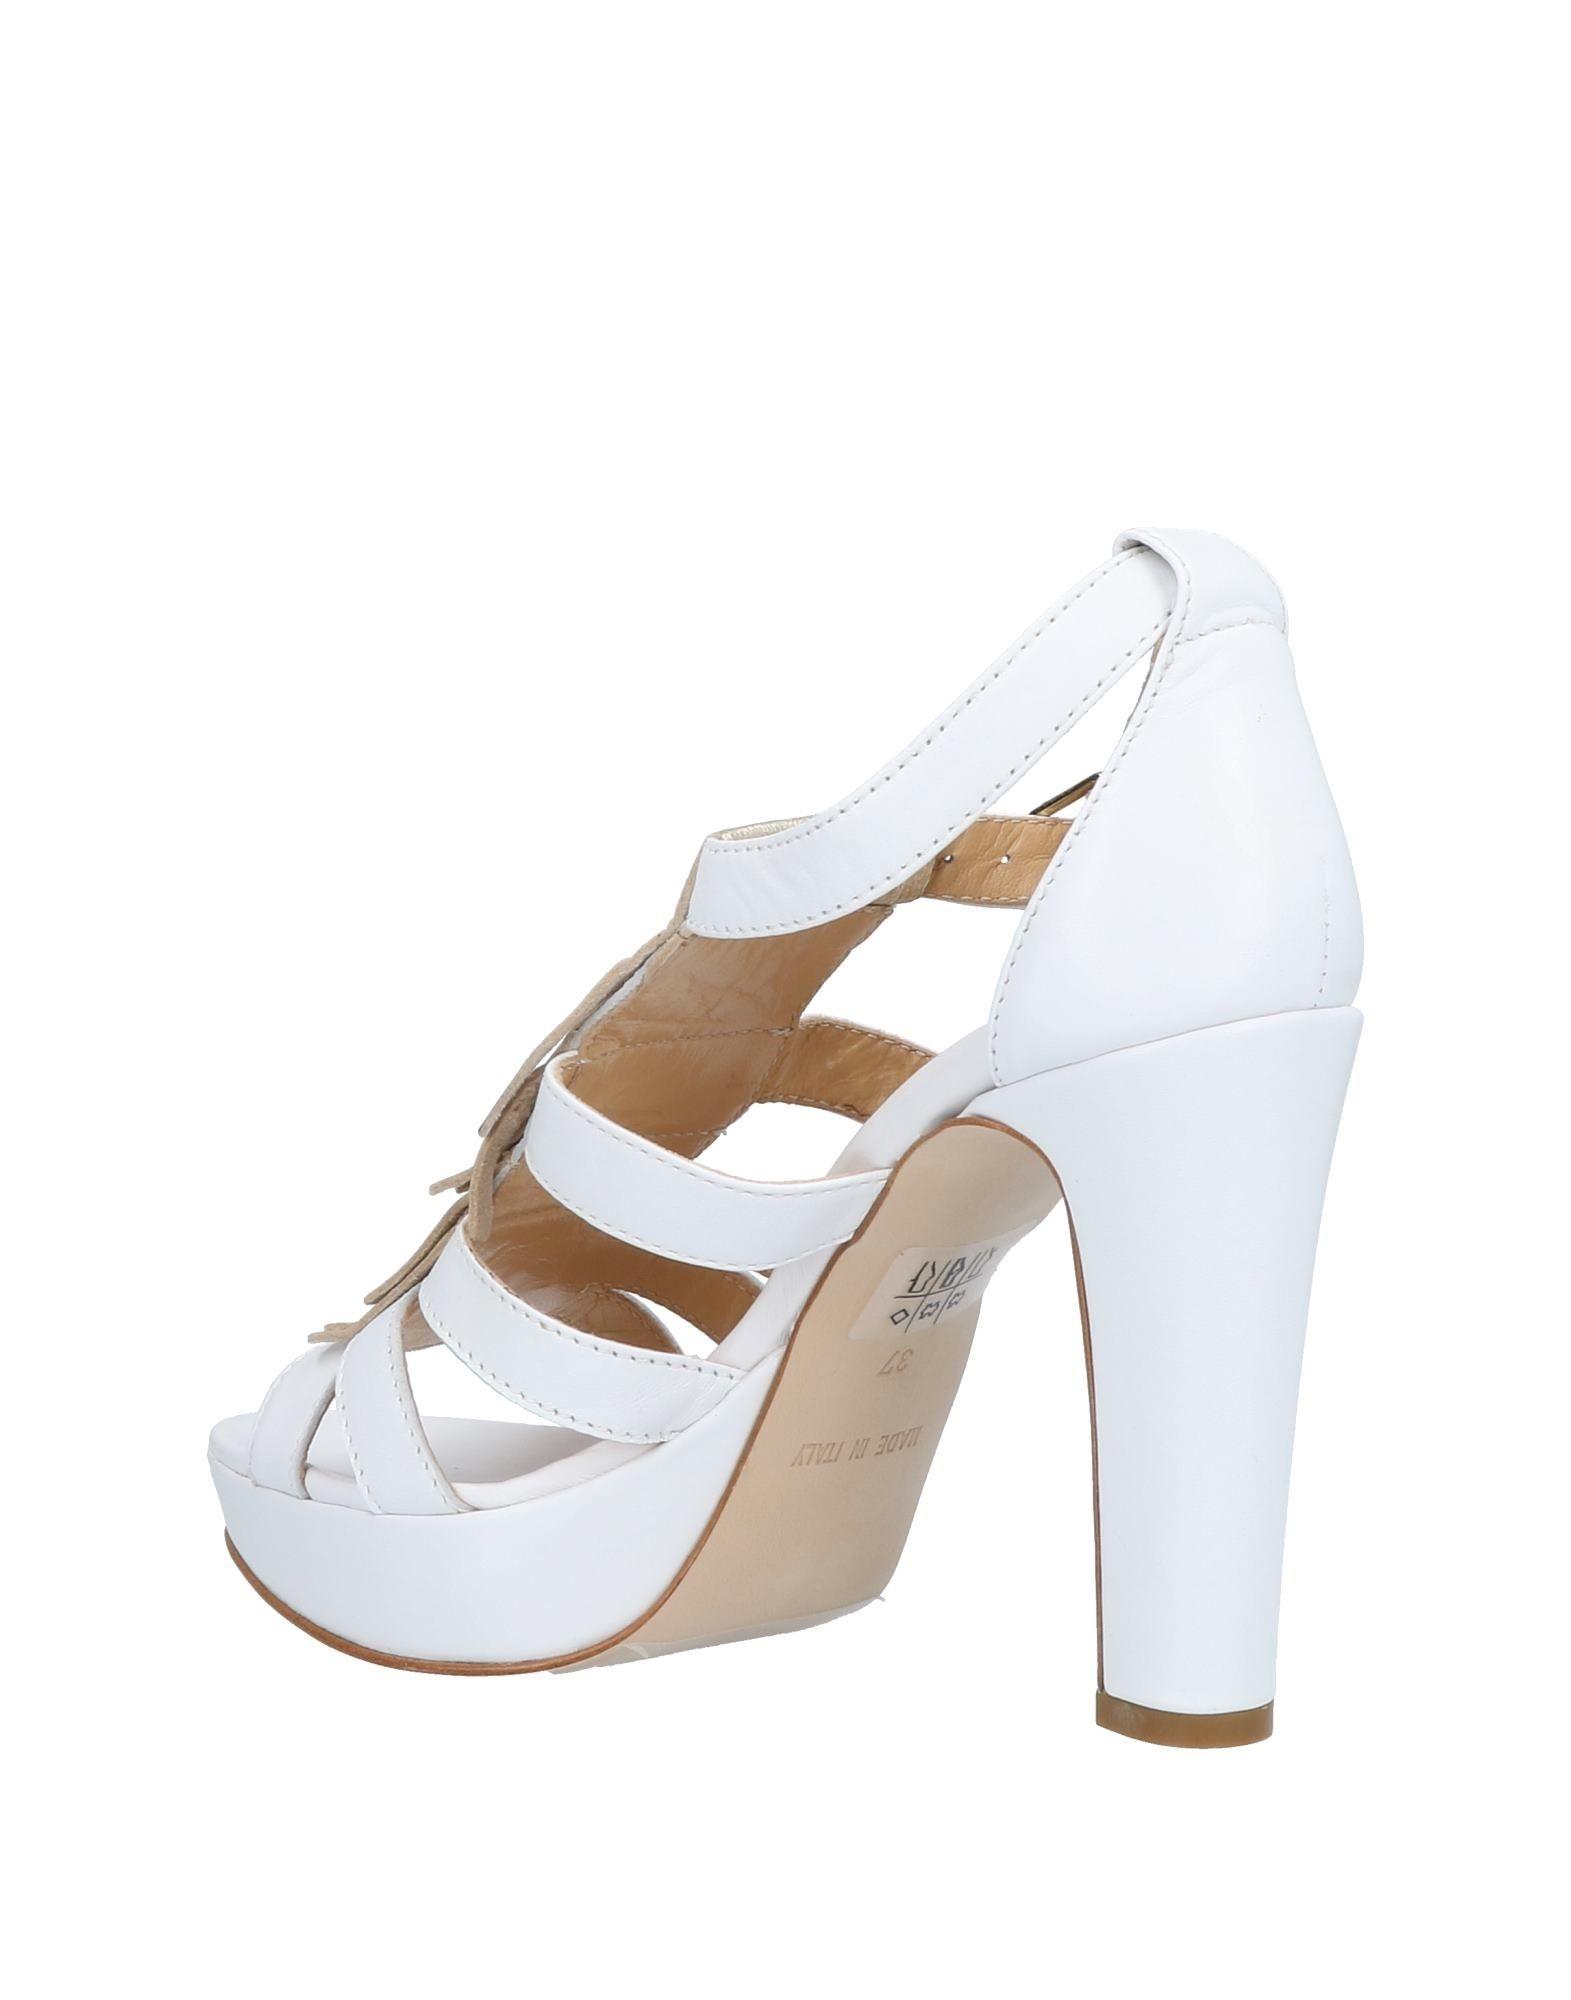 Damenschuhe Più Sandalen Damen Gutes Preis-Leistungs-Verhältnis, es es es lohnt sich 40b0cd